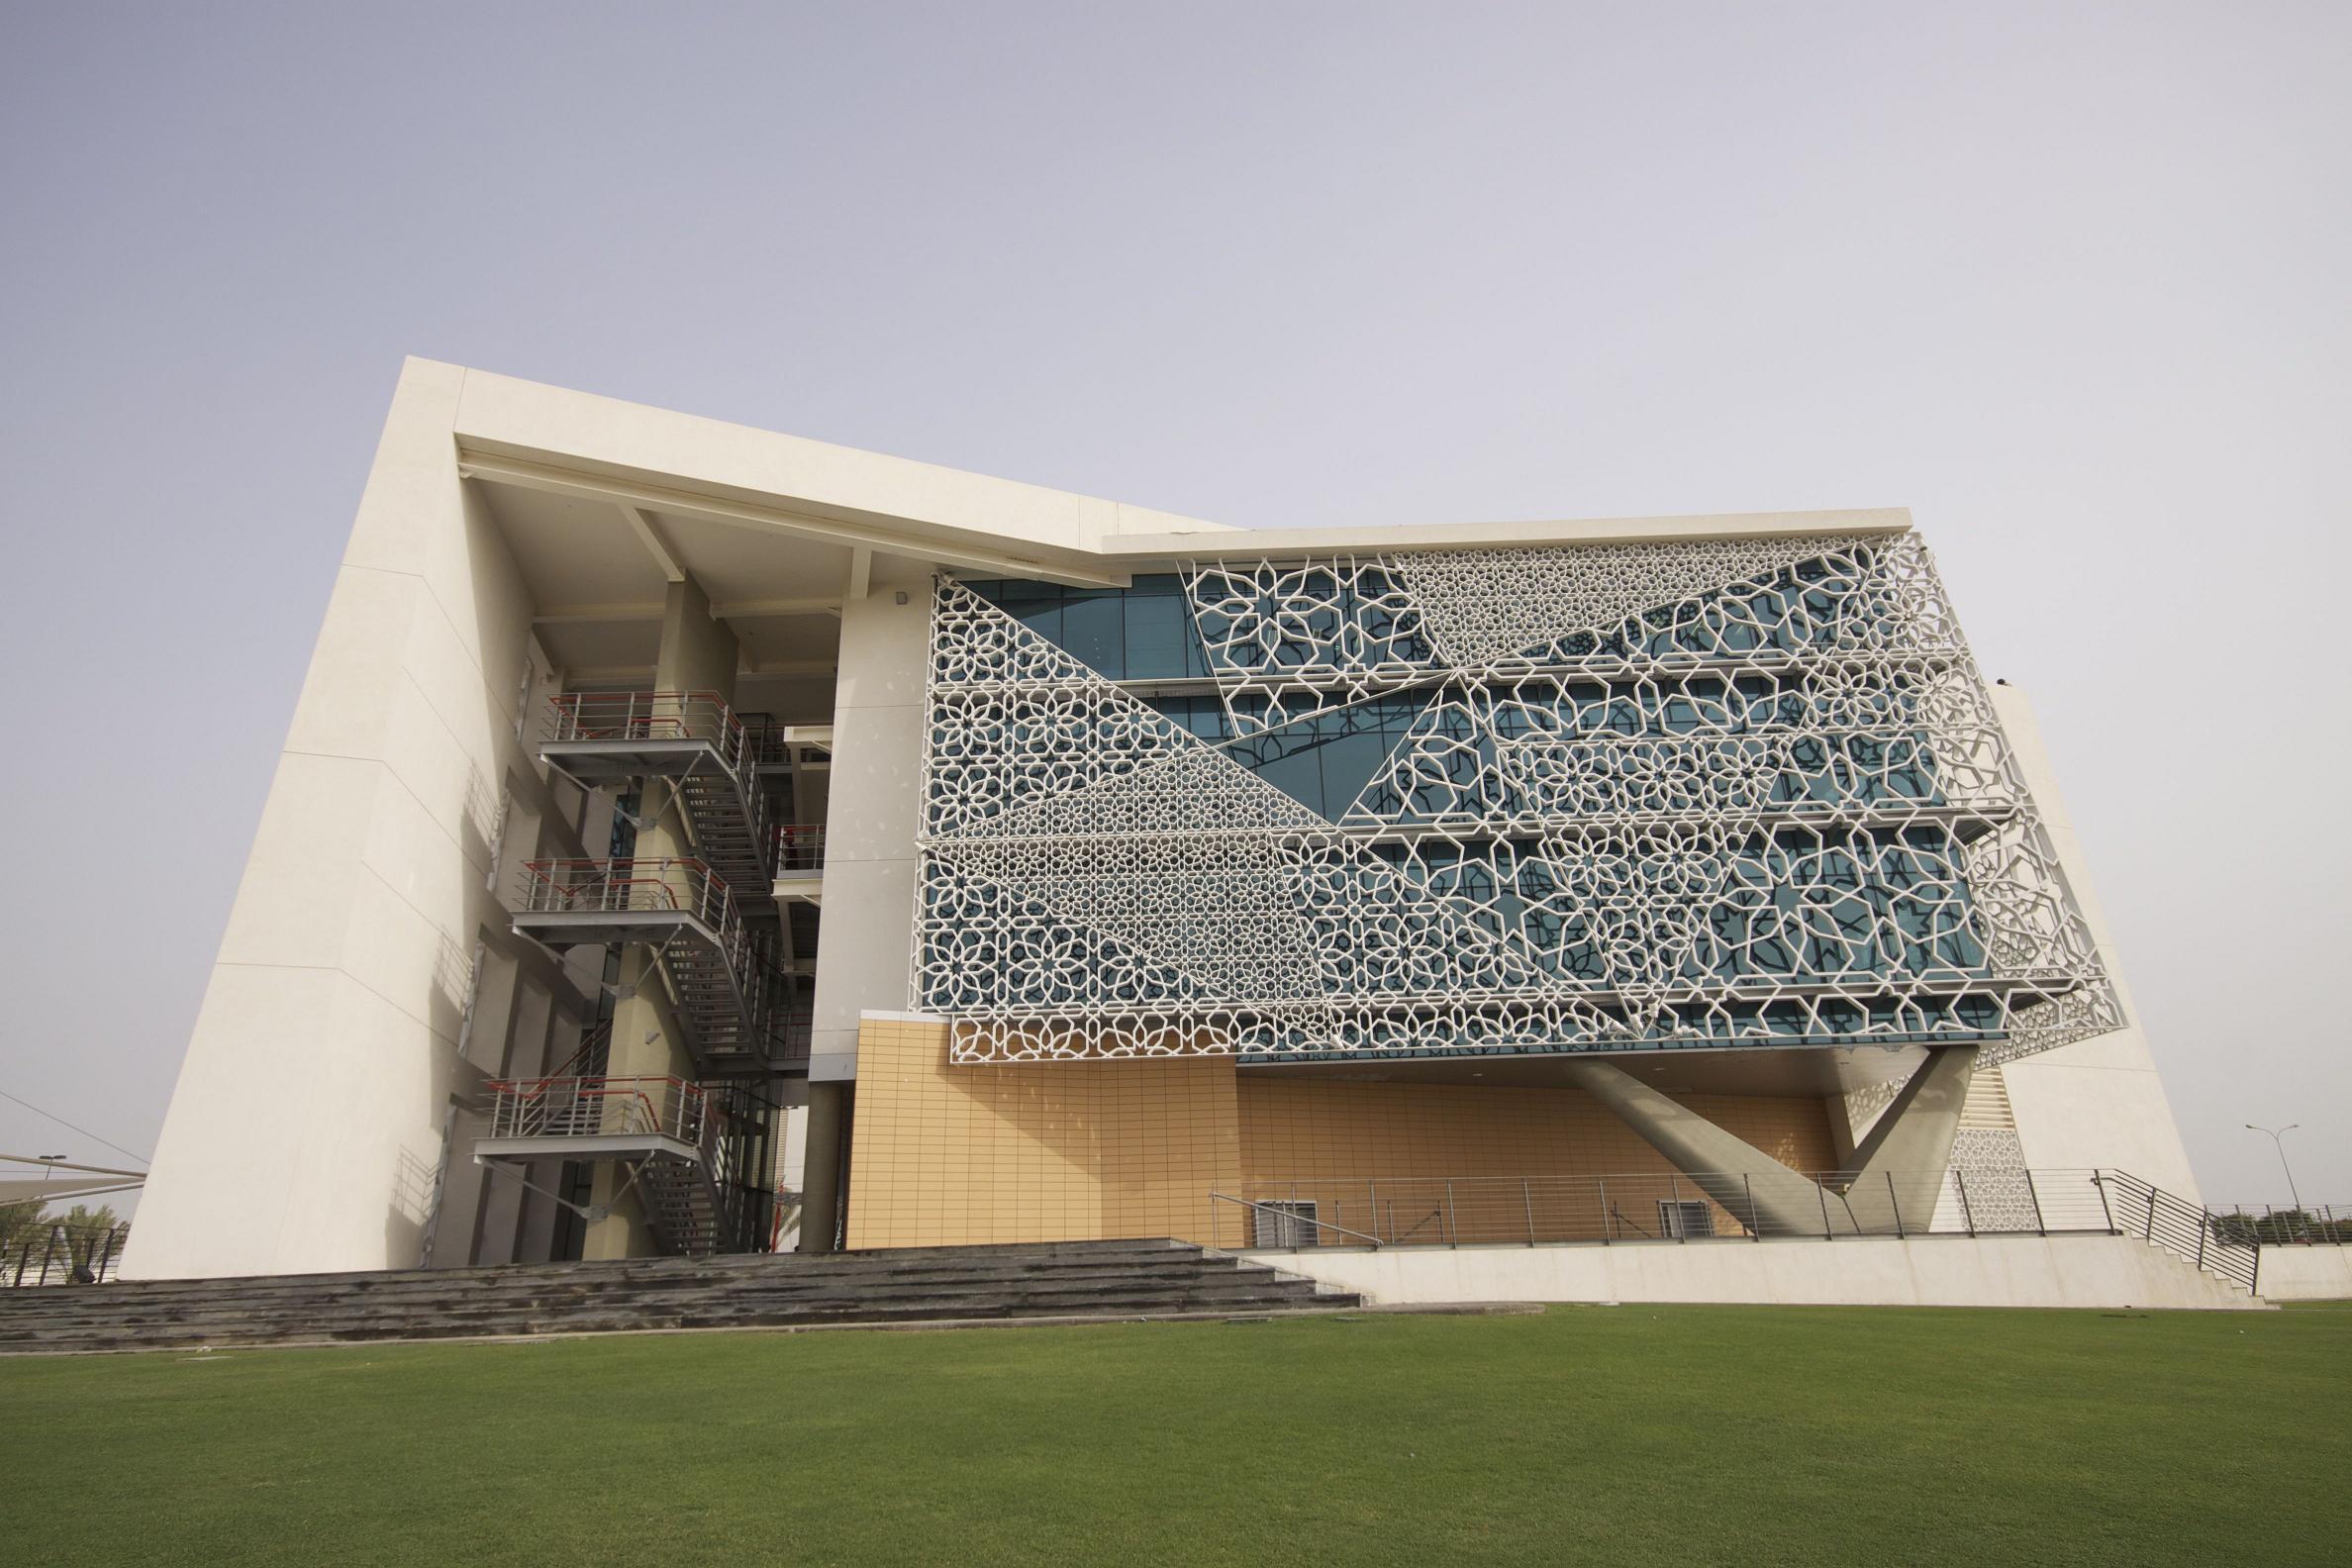 阿曼马斯喀特银行办公大楼建筑设计